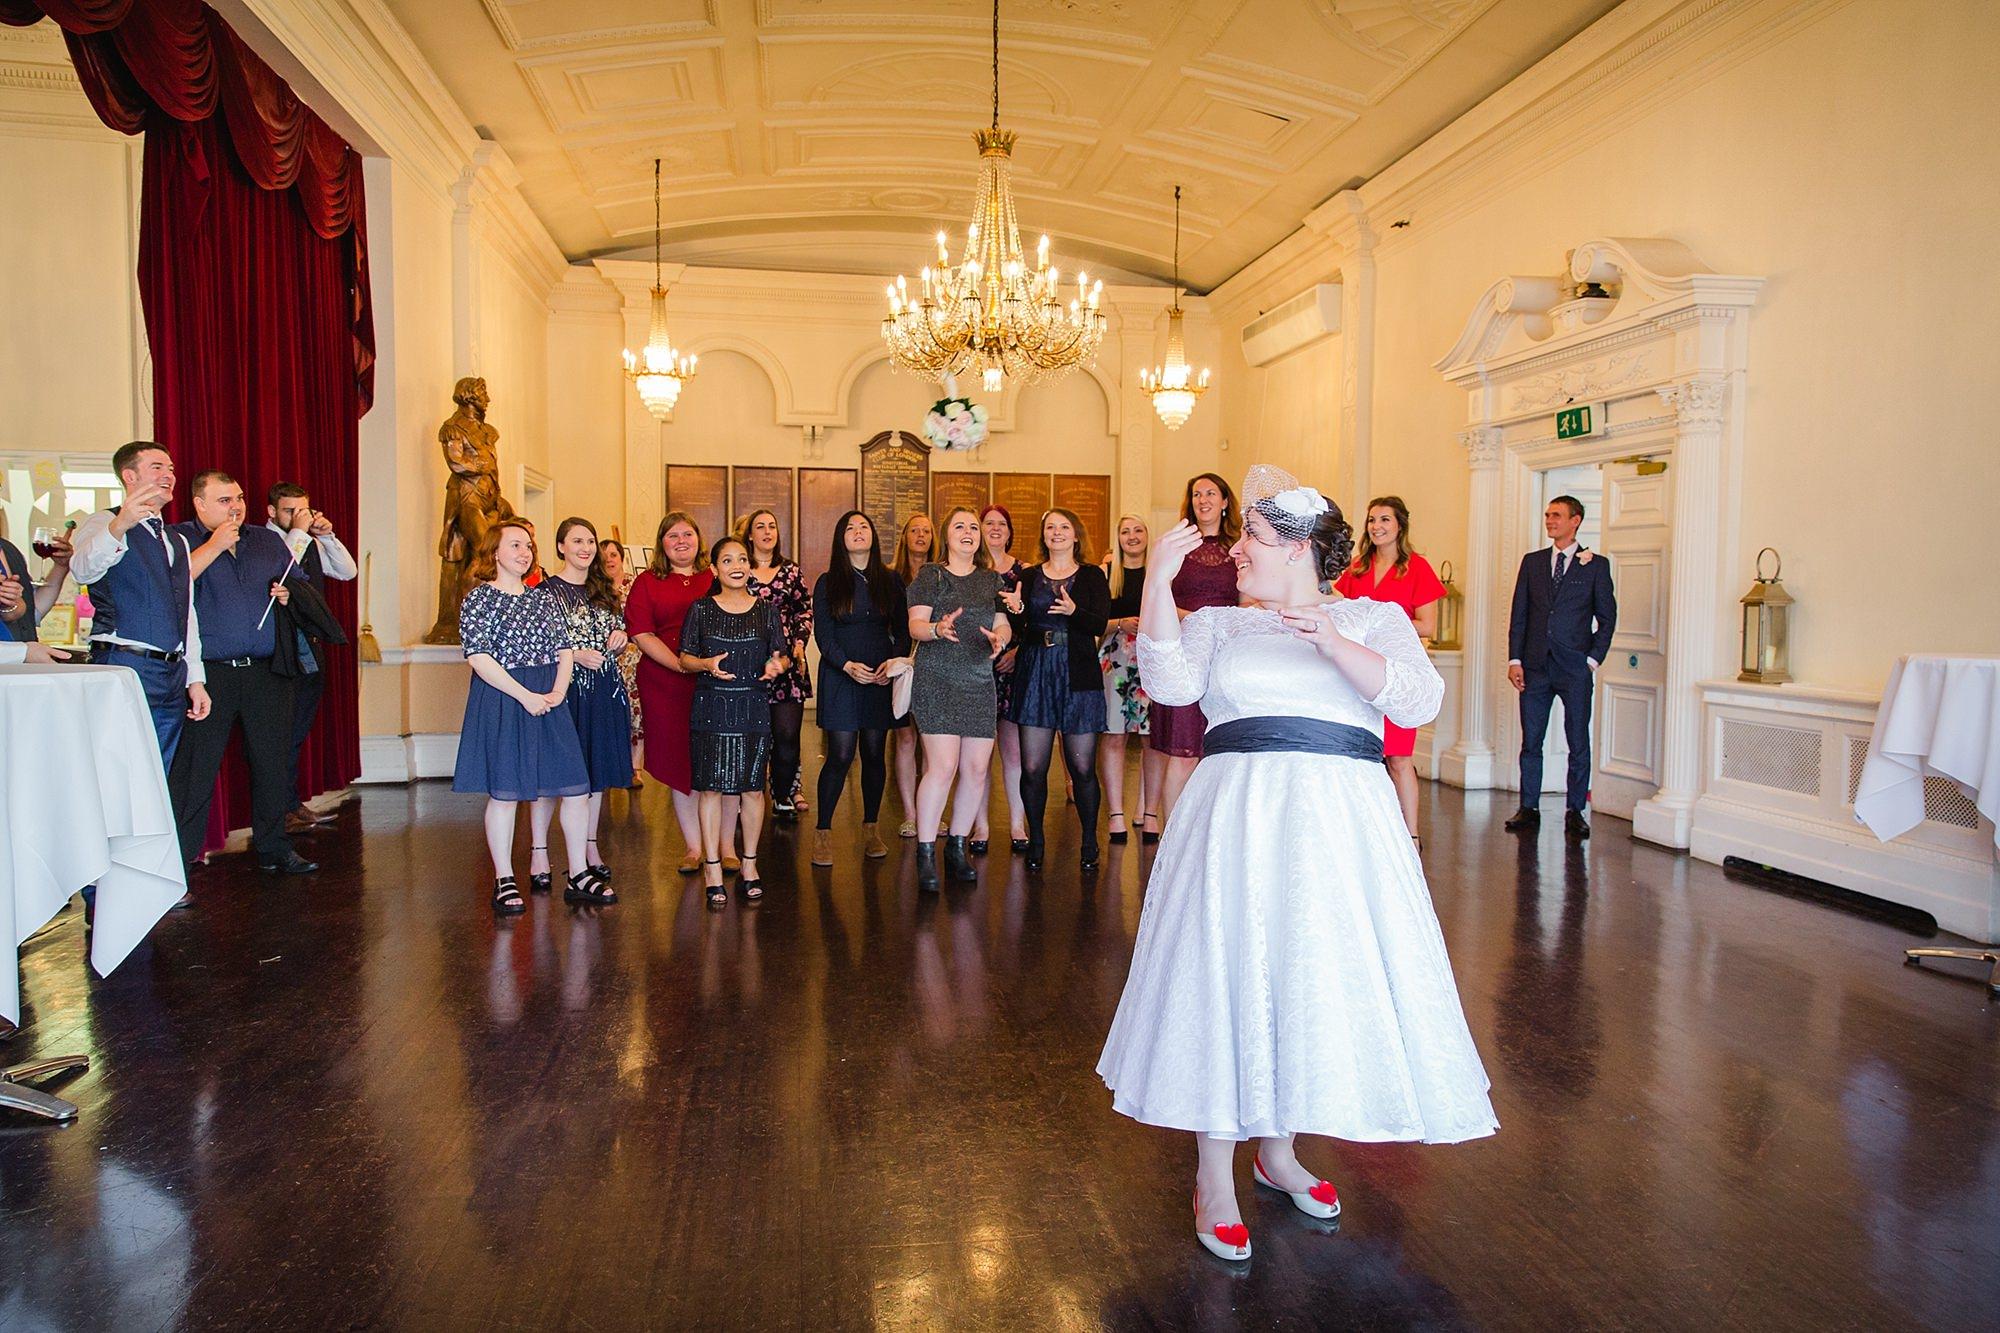 Trafalgar Tavern wedding bride throws bouquet